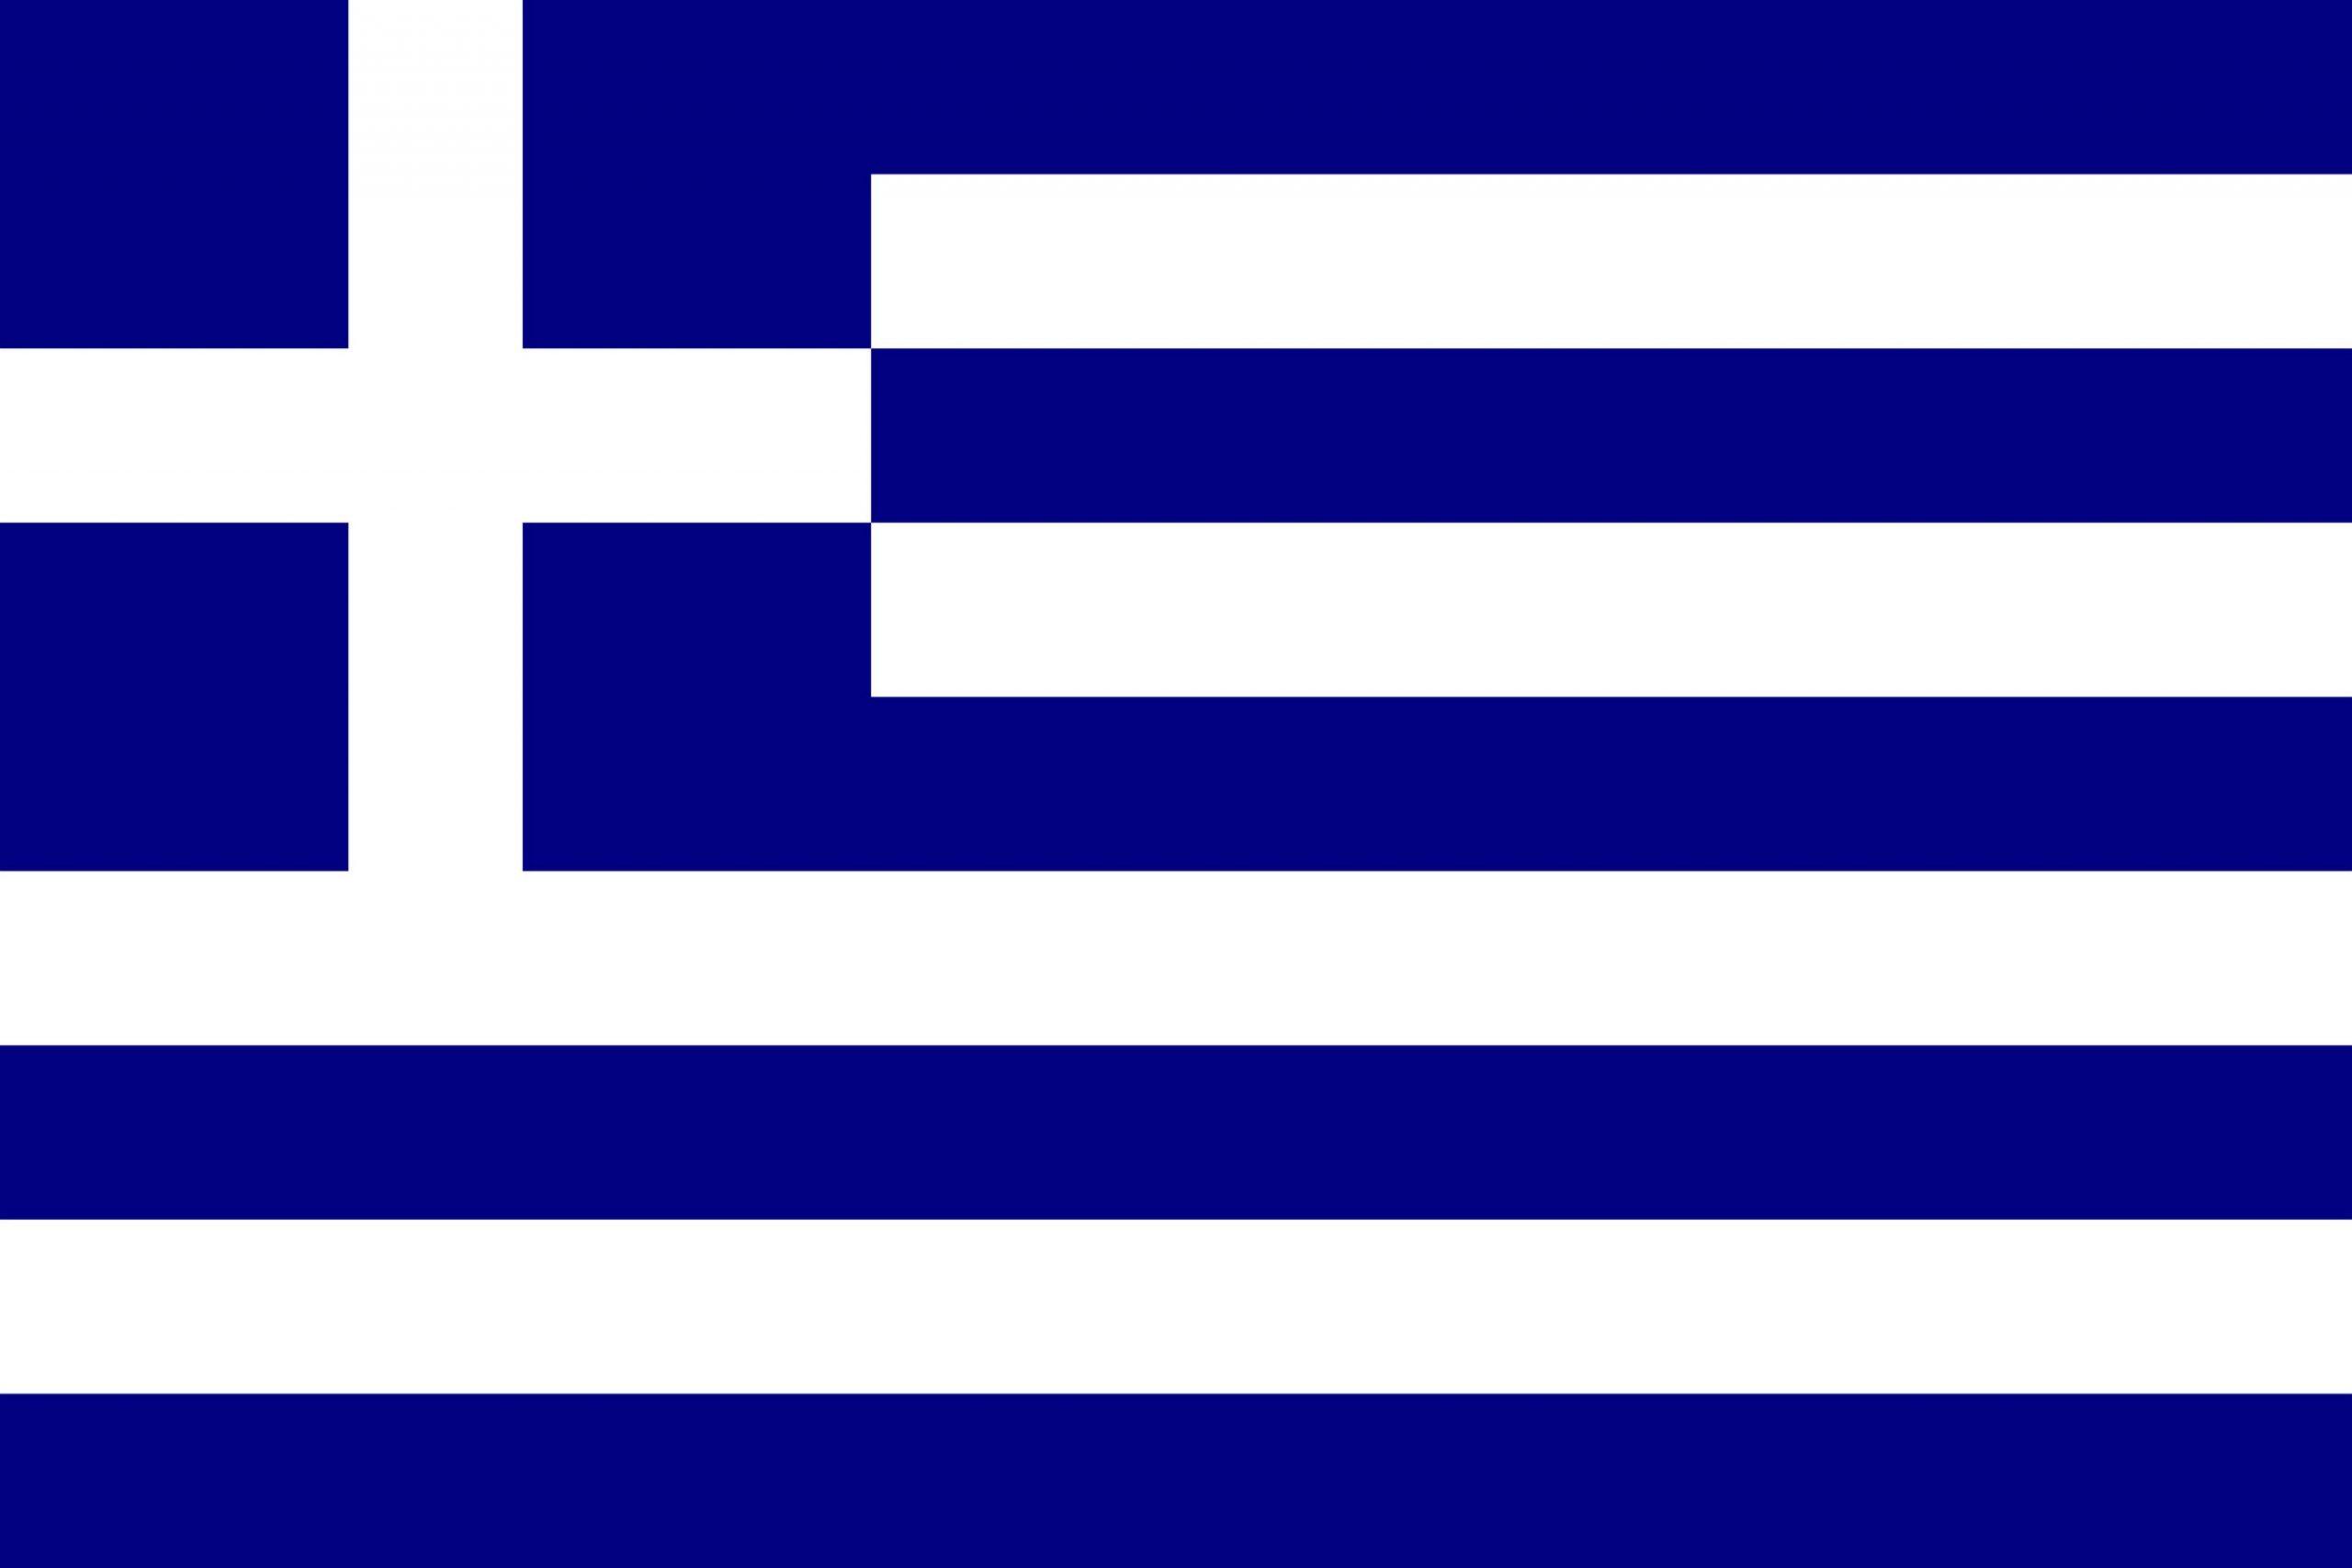 Drapeau De La Grèce, Drapeaux Du Pays Grèce intérieur Drapeaux Européens À Imprimer